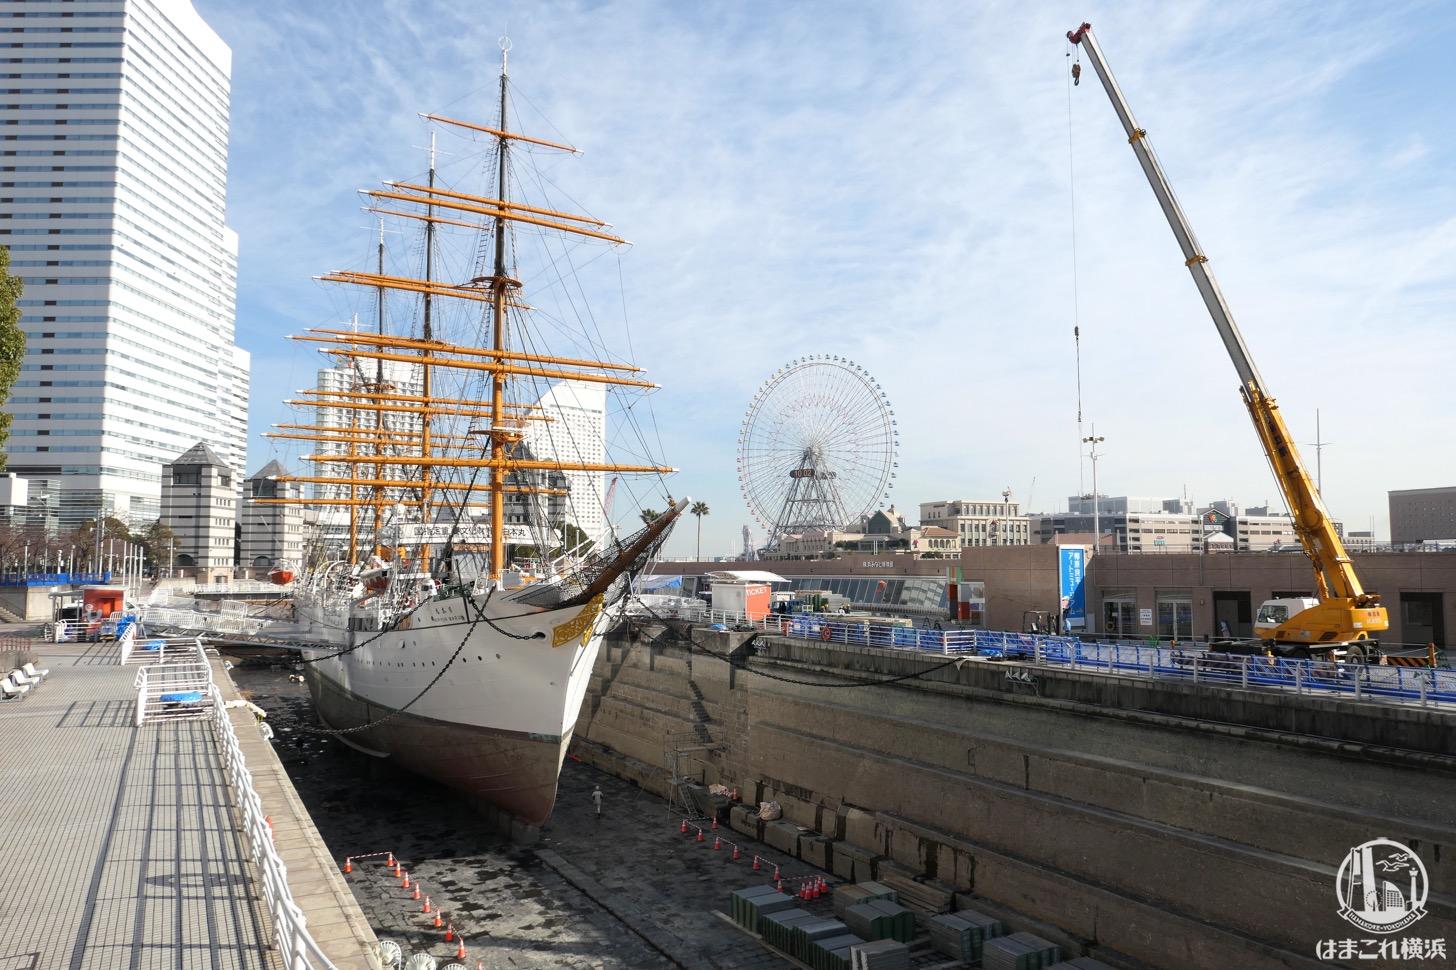 帆船日本丸 ドックの水ぜんぶ抜いた貴重な姿を撮ってきた!大規模改修中